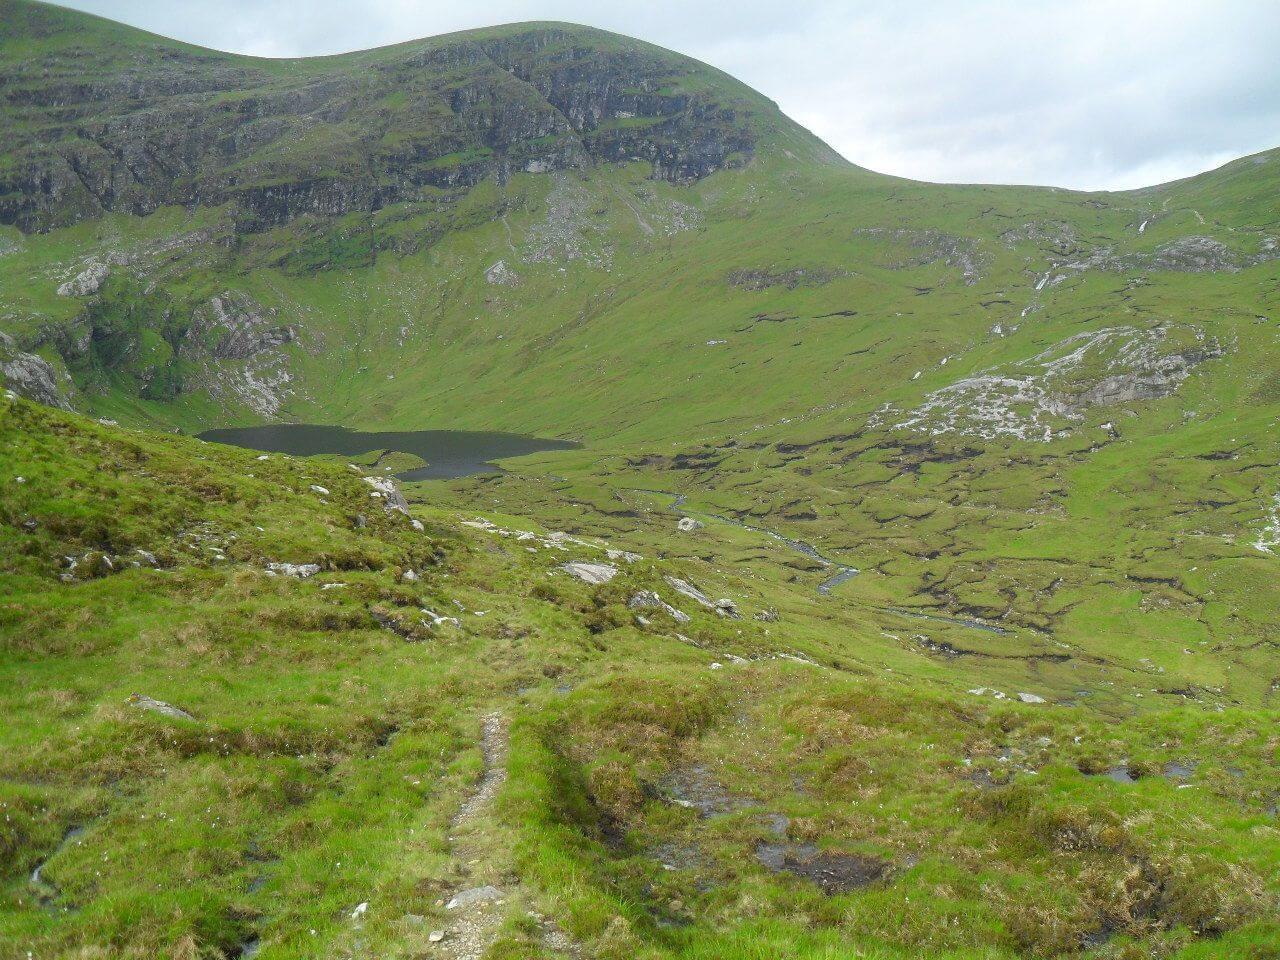 """Der Pfad ist jetzt überwiegend gut fahrbar. Schon bald geht es steil hinab zum Kar des <em>An Dubh Loch</em>, ein weiteres """"schwarzes Loch"""". Rechts oben sieht man den Pfad zum <em>Bealach Horn</em>"""